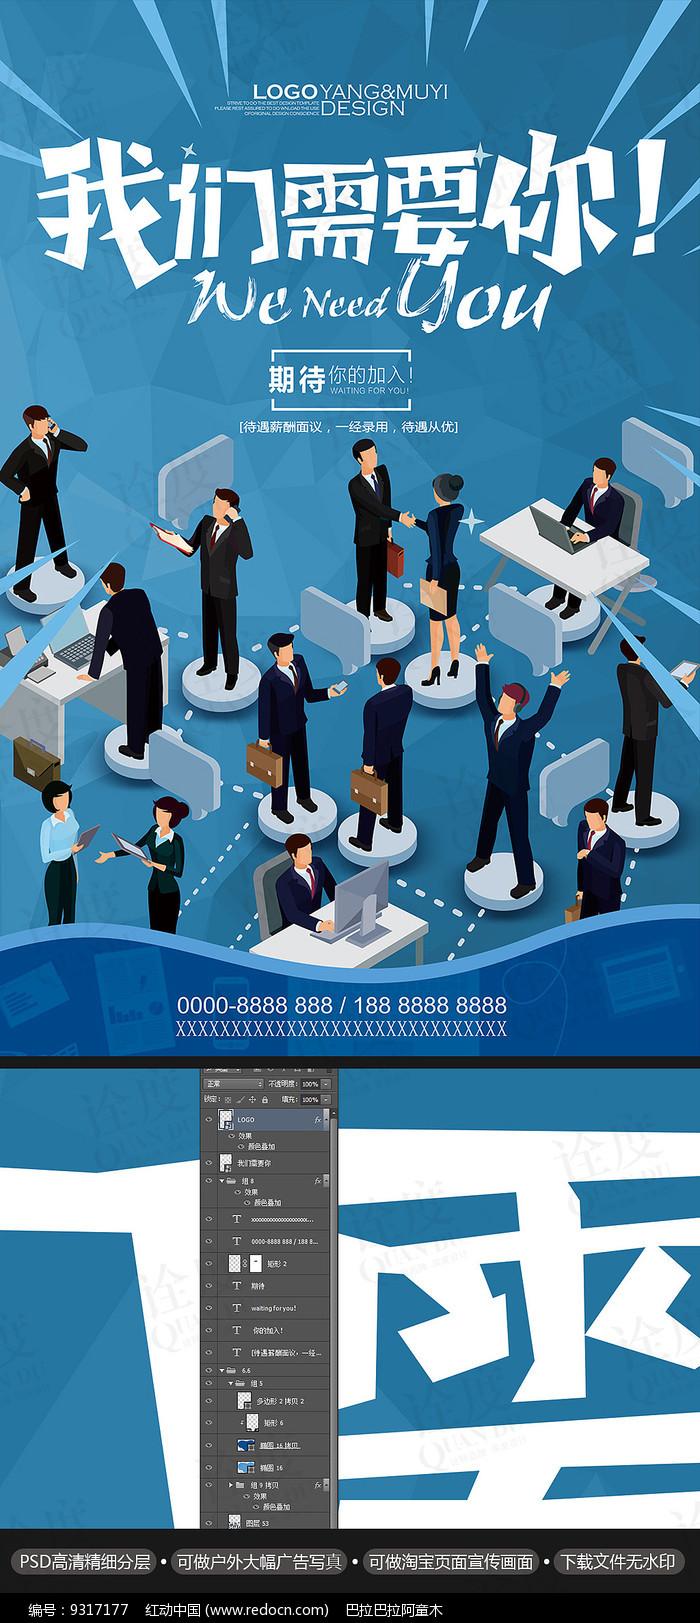 企业蓝色商务招聘海报图片